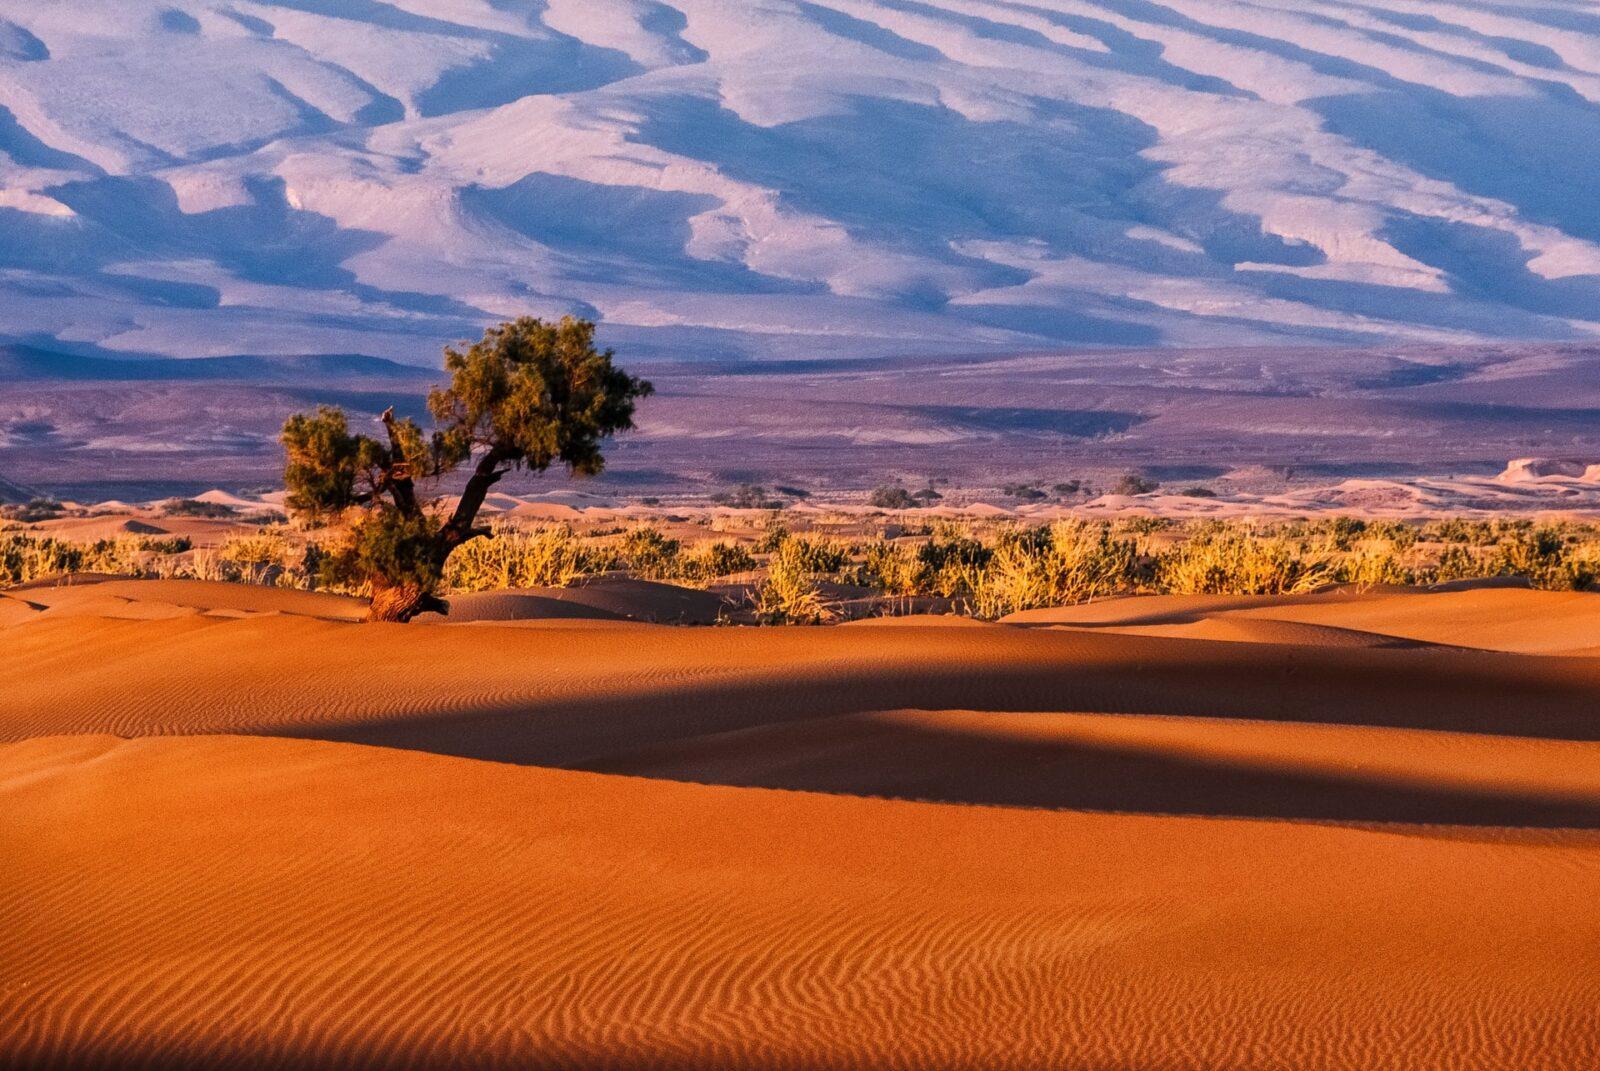 sergey pesterev 9 5 WYEBDz0 unsplash 1536x1028 - Guide Morocco Tours